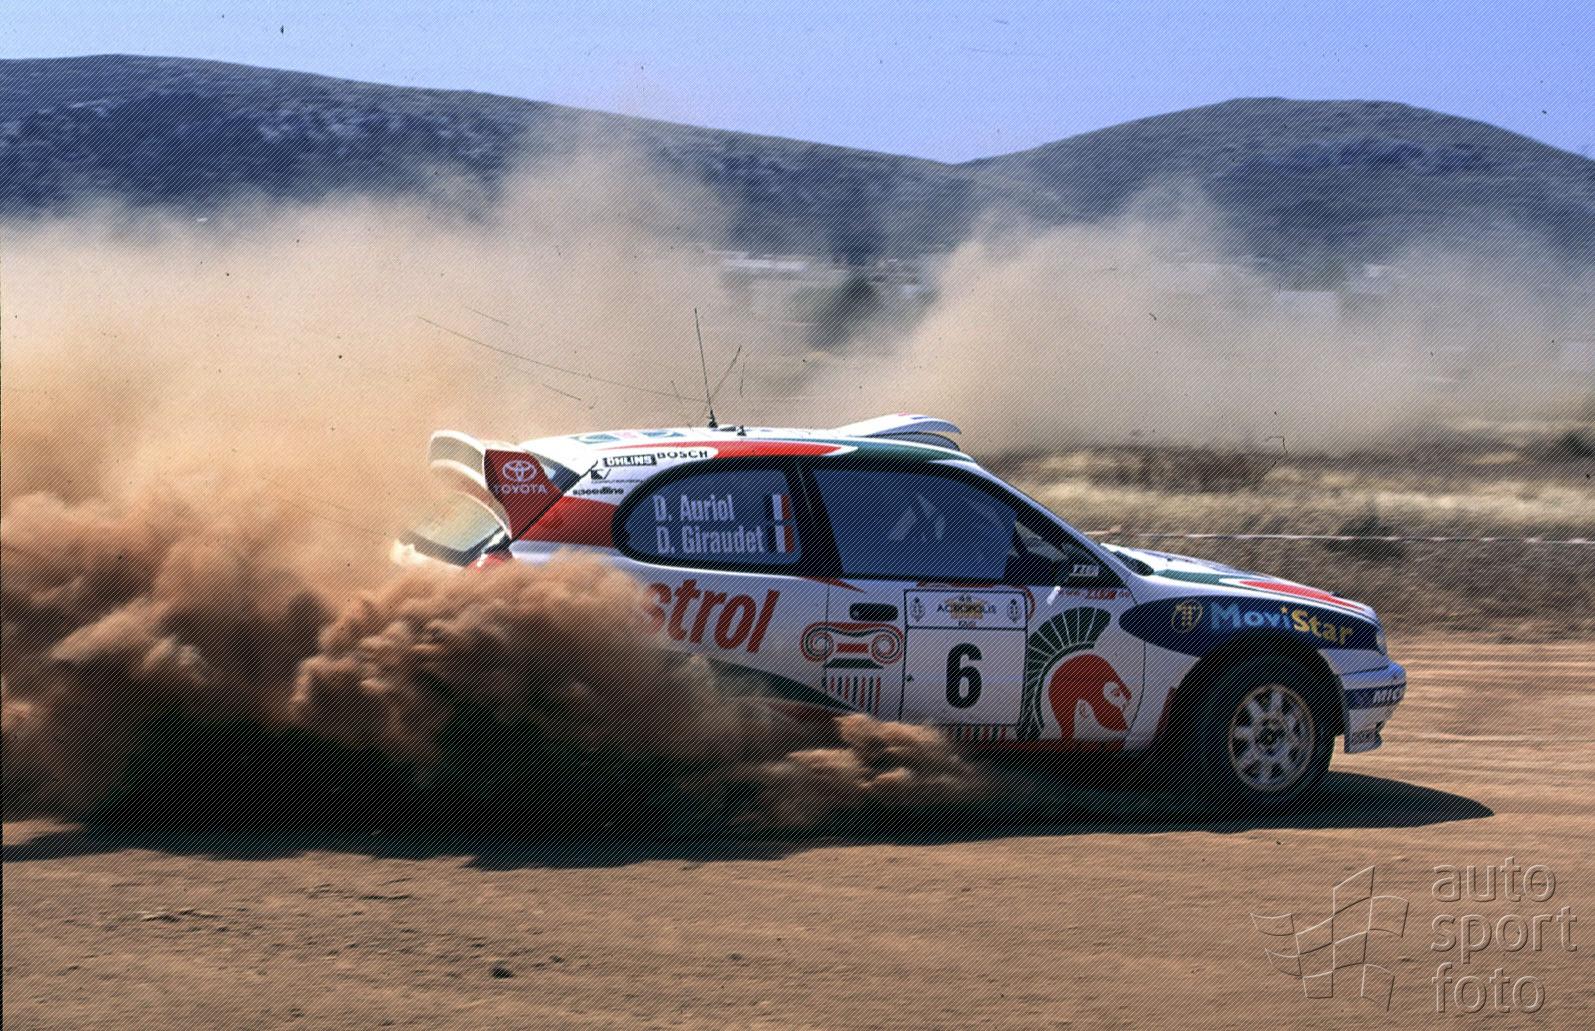 Rally racing